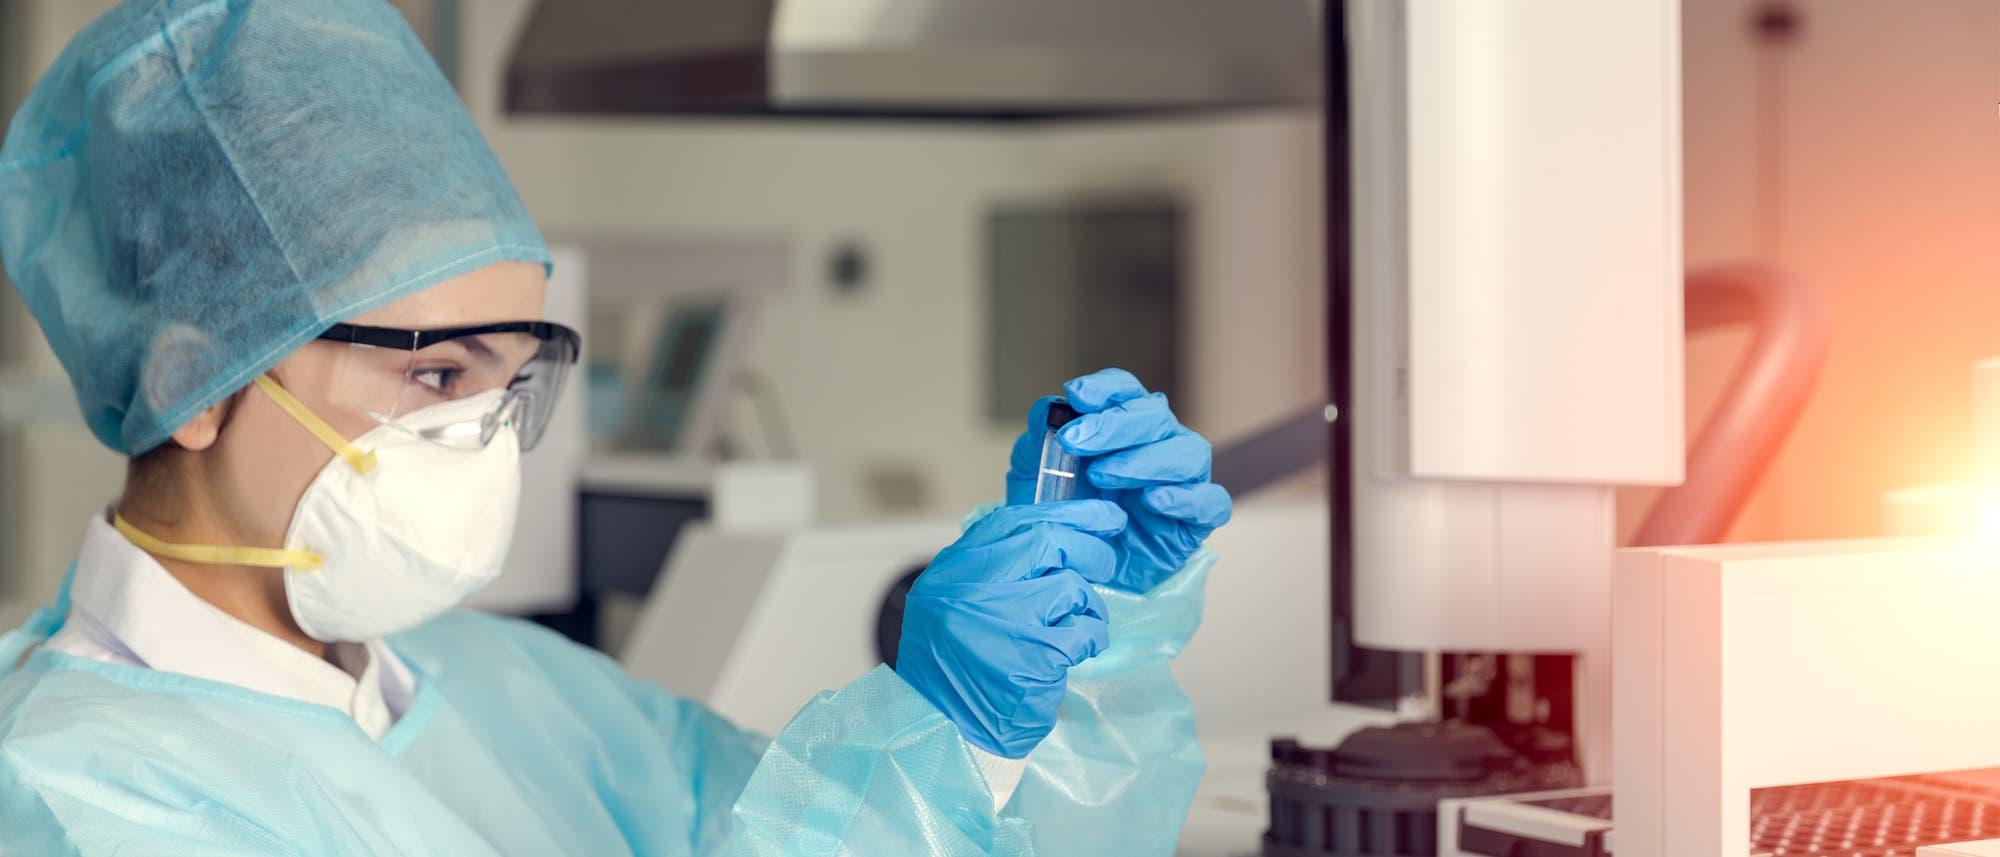 Noch finden vor allem Laborversuche mit dem Coronavirus statt.